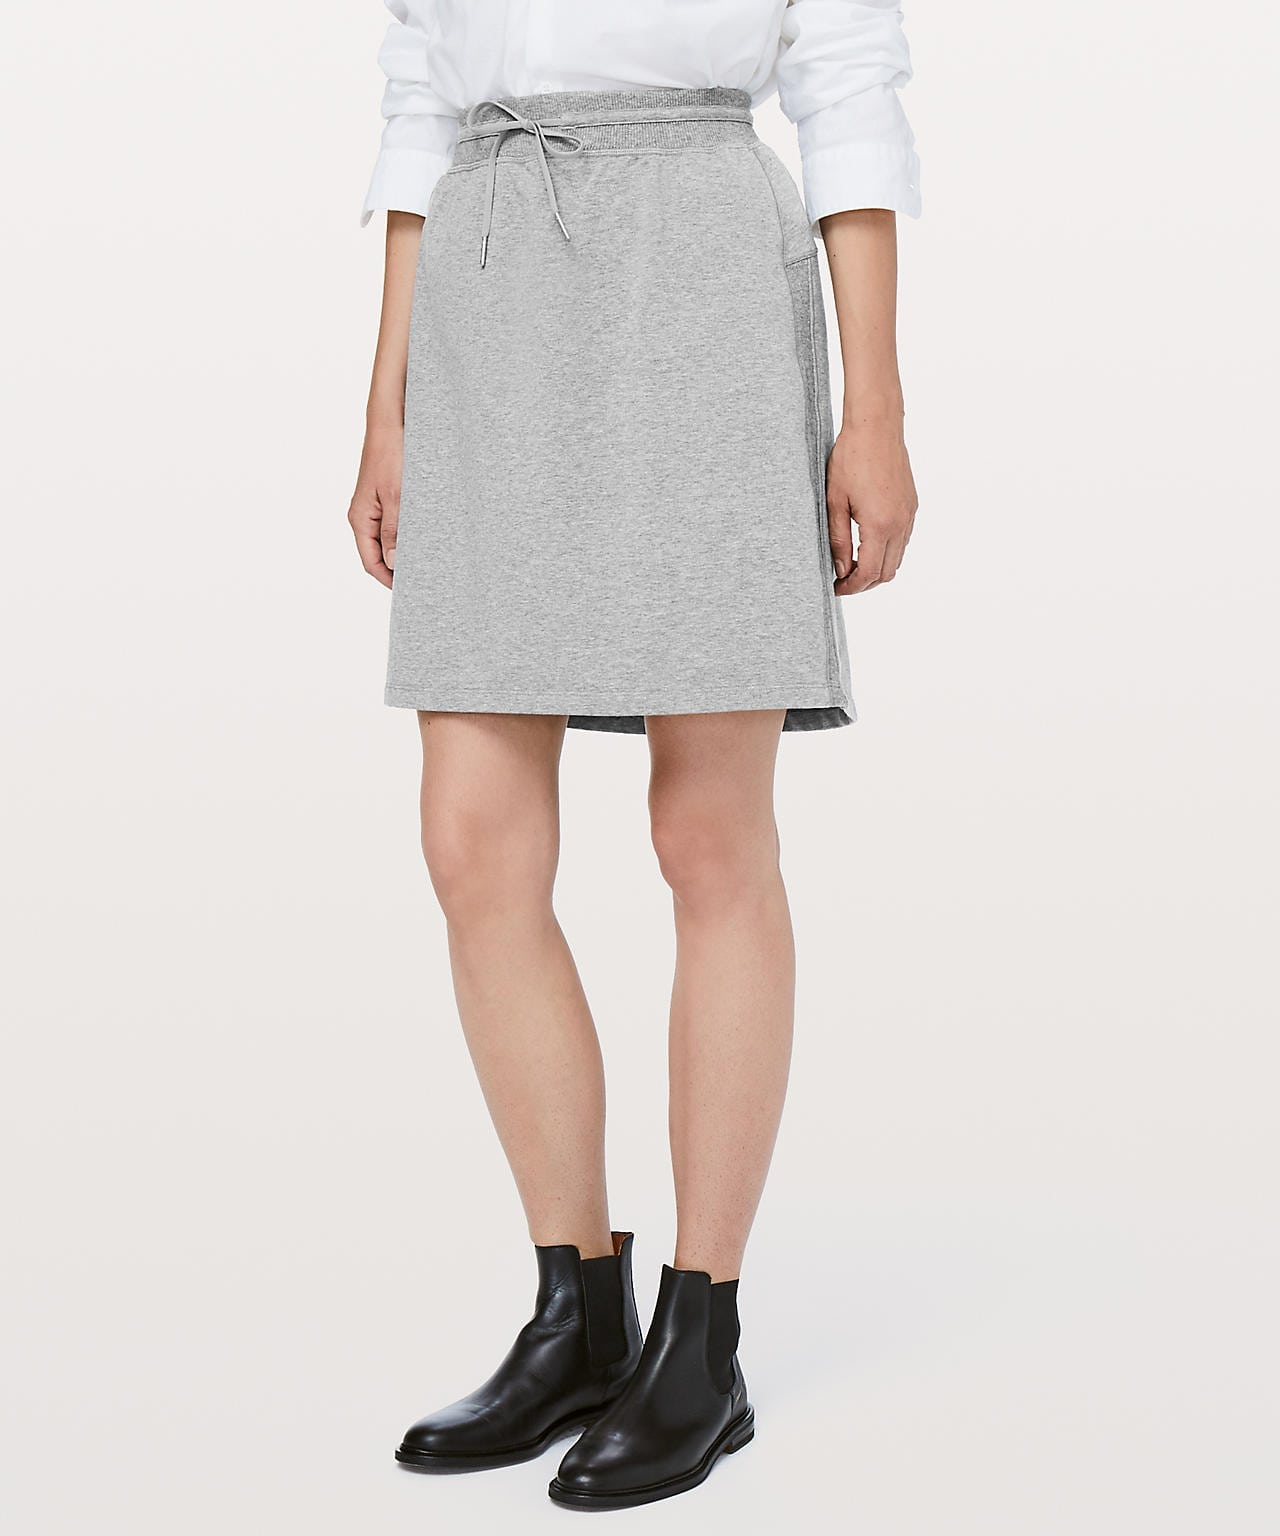 Start Anew Skirt